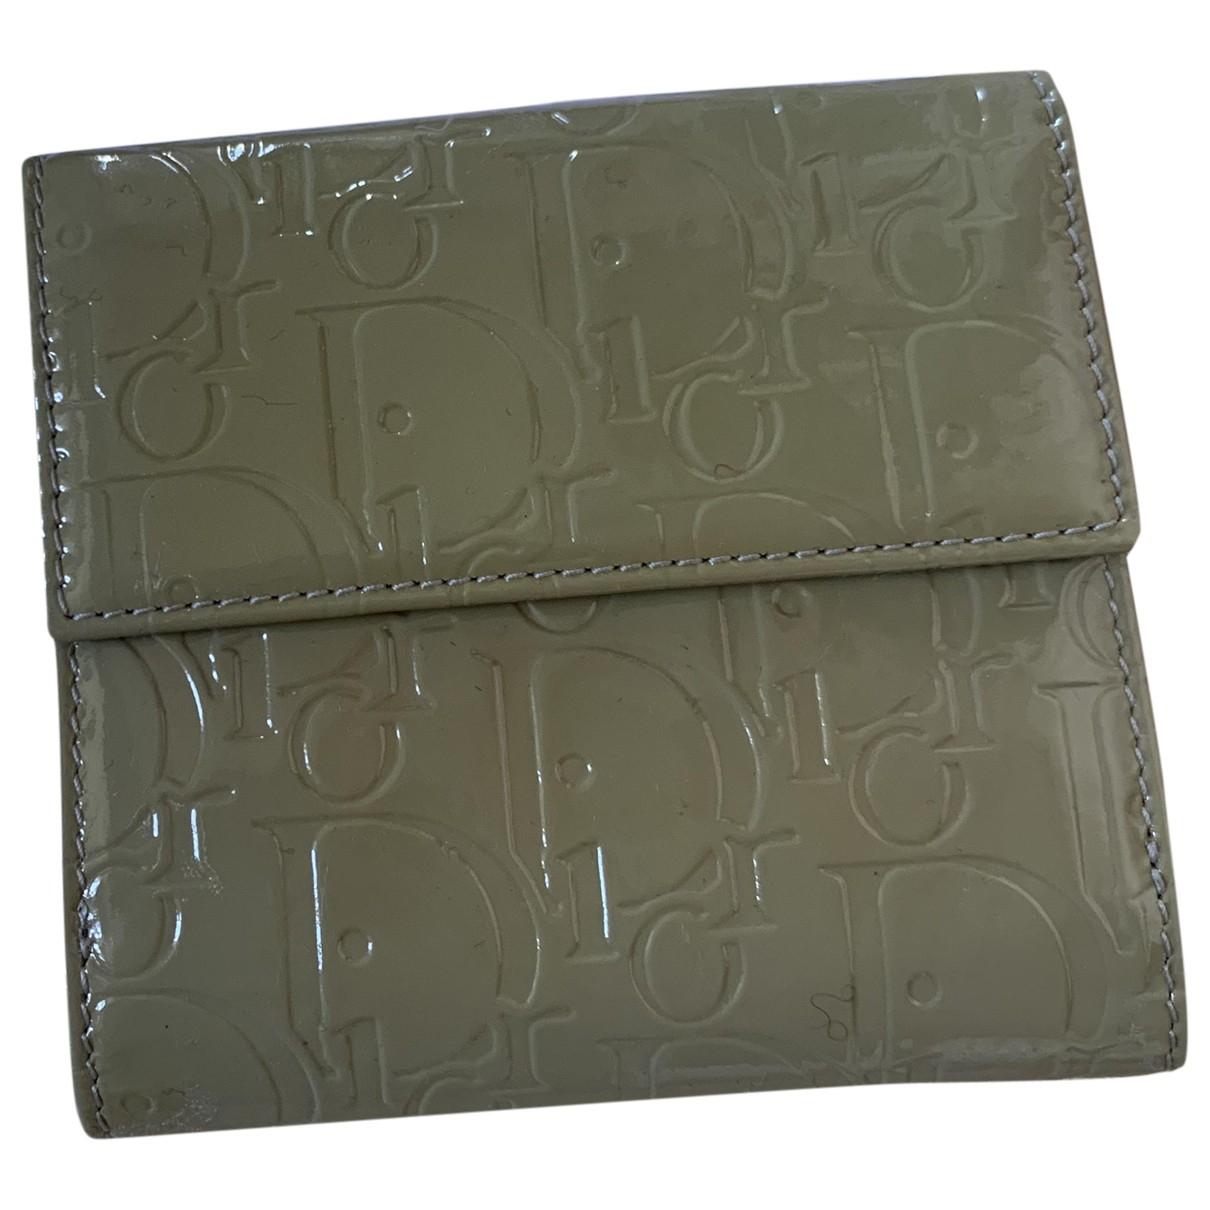 Dior - Portefeuille   pour femme en cuir verni - kaki